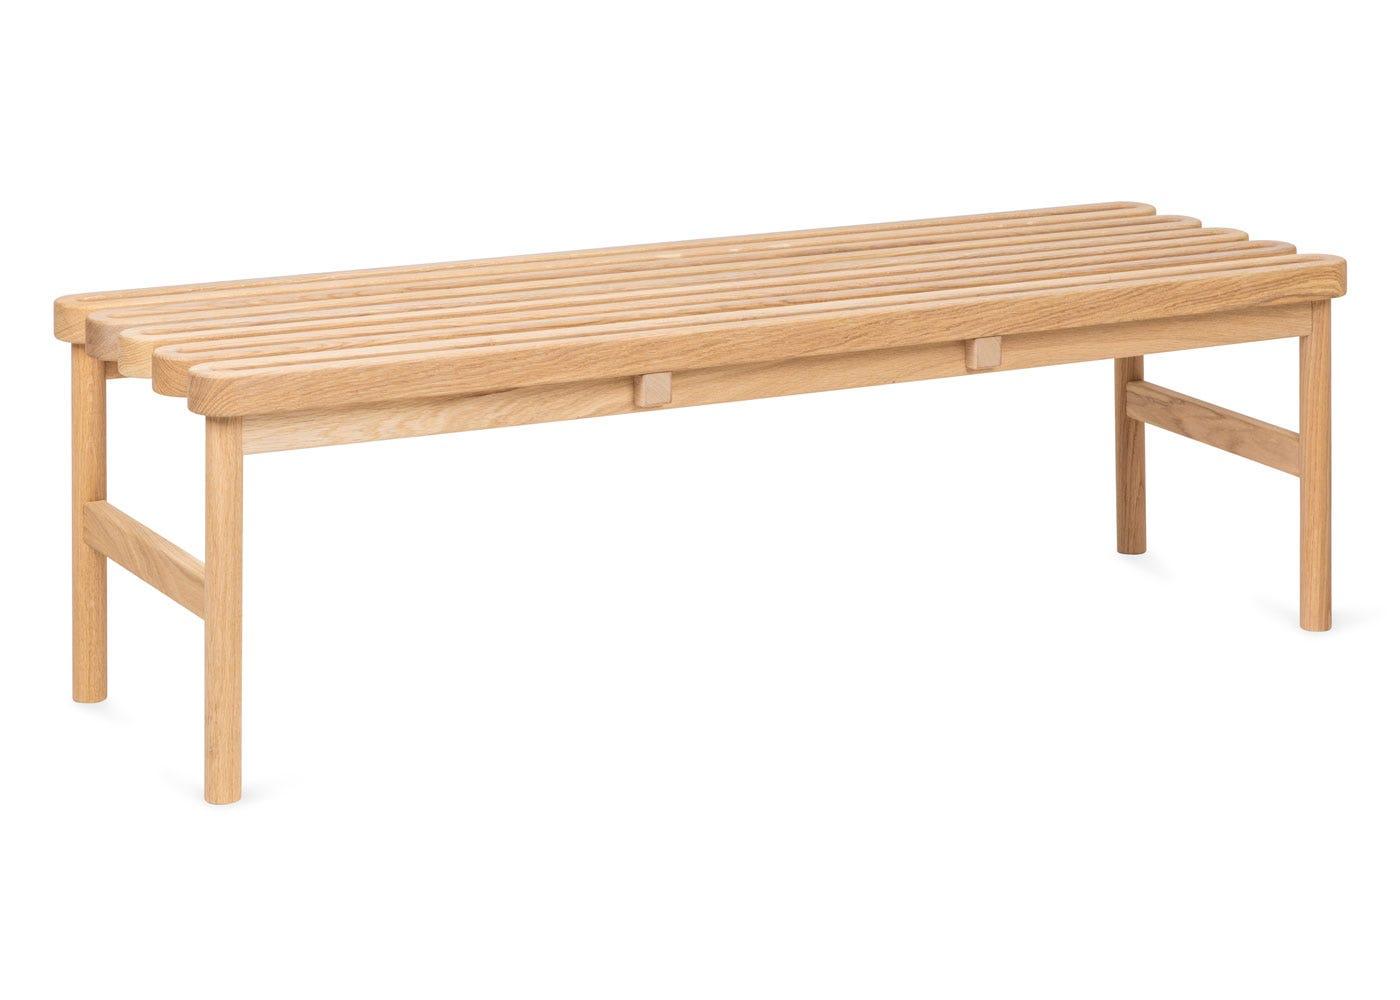 As shown: Studio Gud Twine Bench Solid Oak - Side profile.